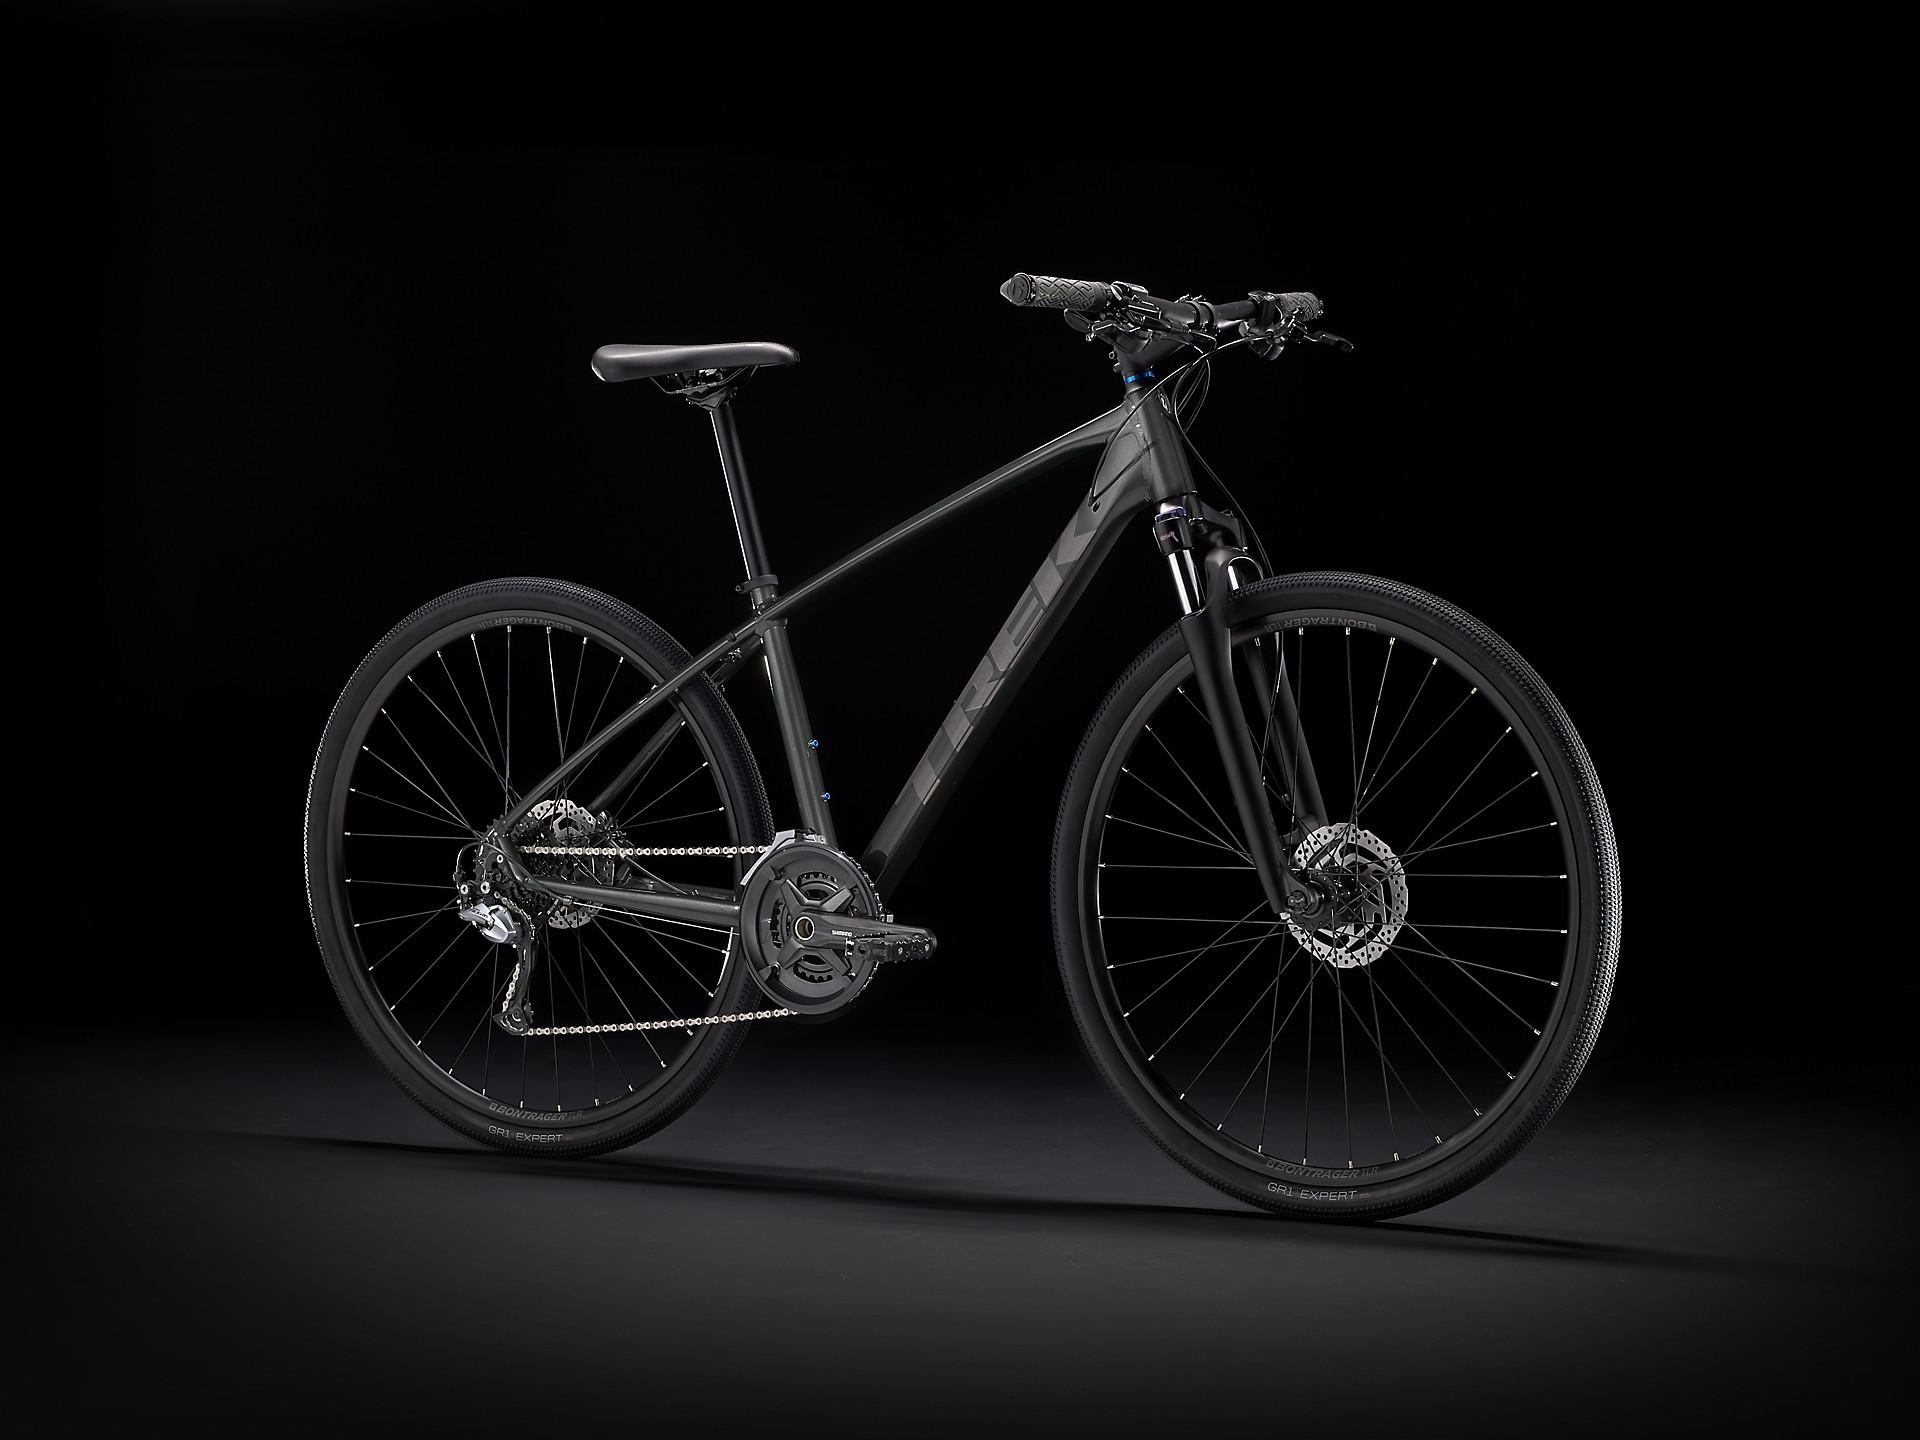 Trek Dual Sport 3 Hybrid Bike